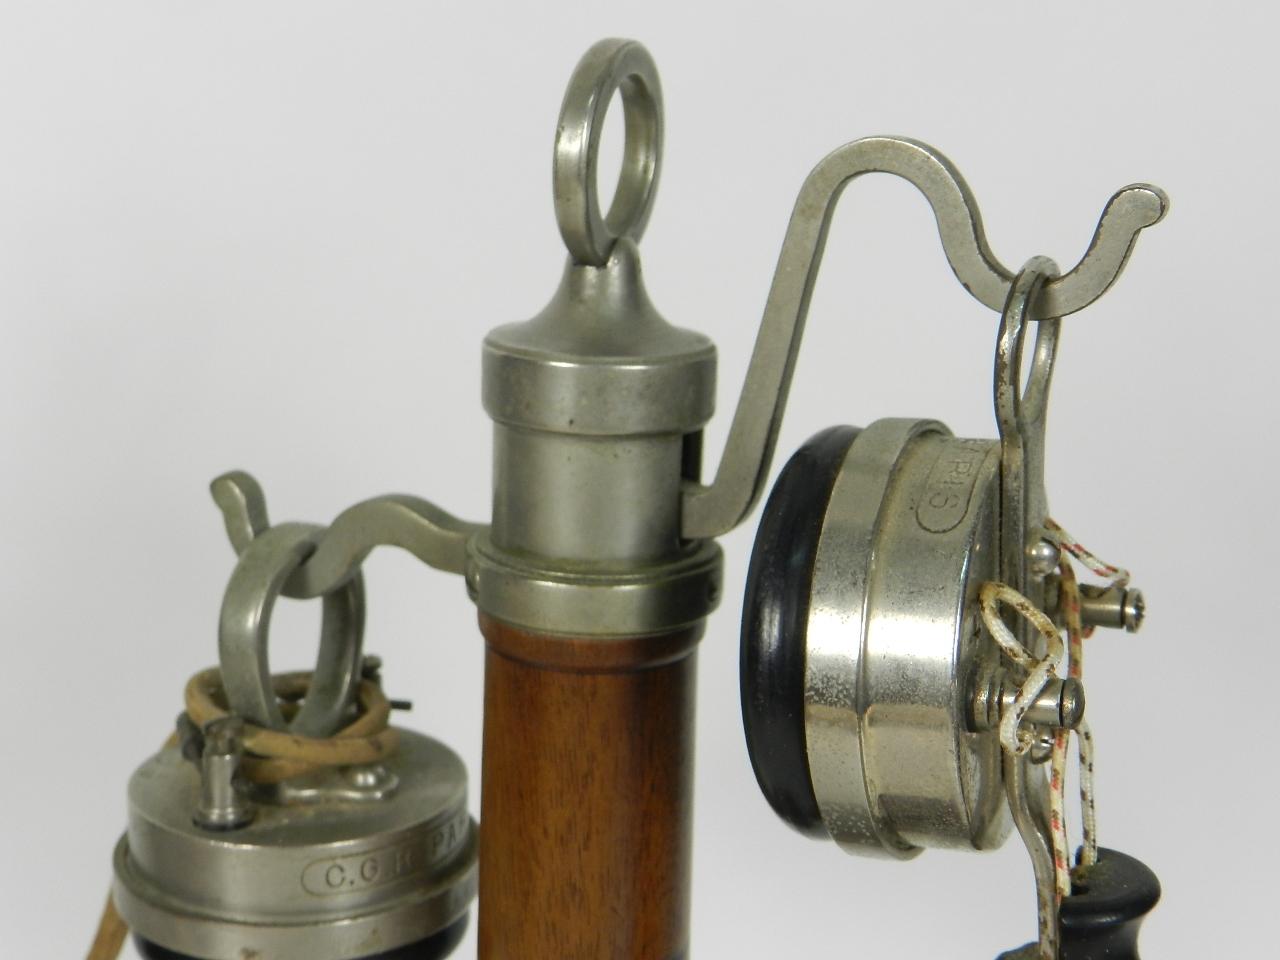 Imagen TELEFONO  GRAMMONT AÑO 1920 29497